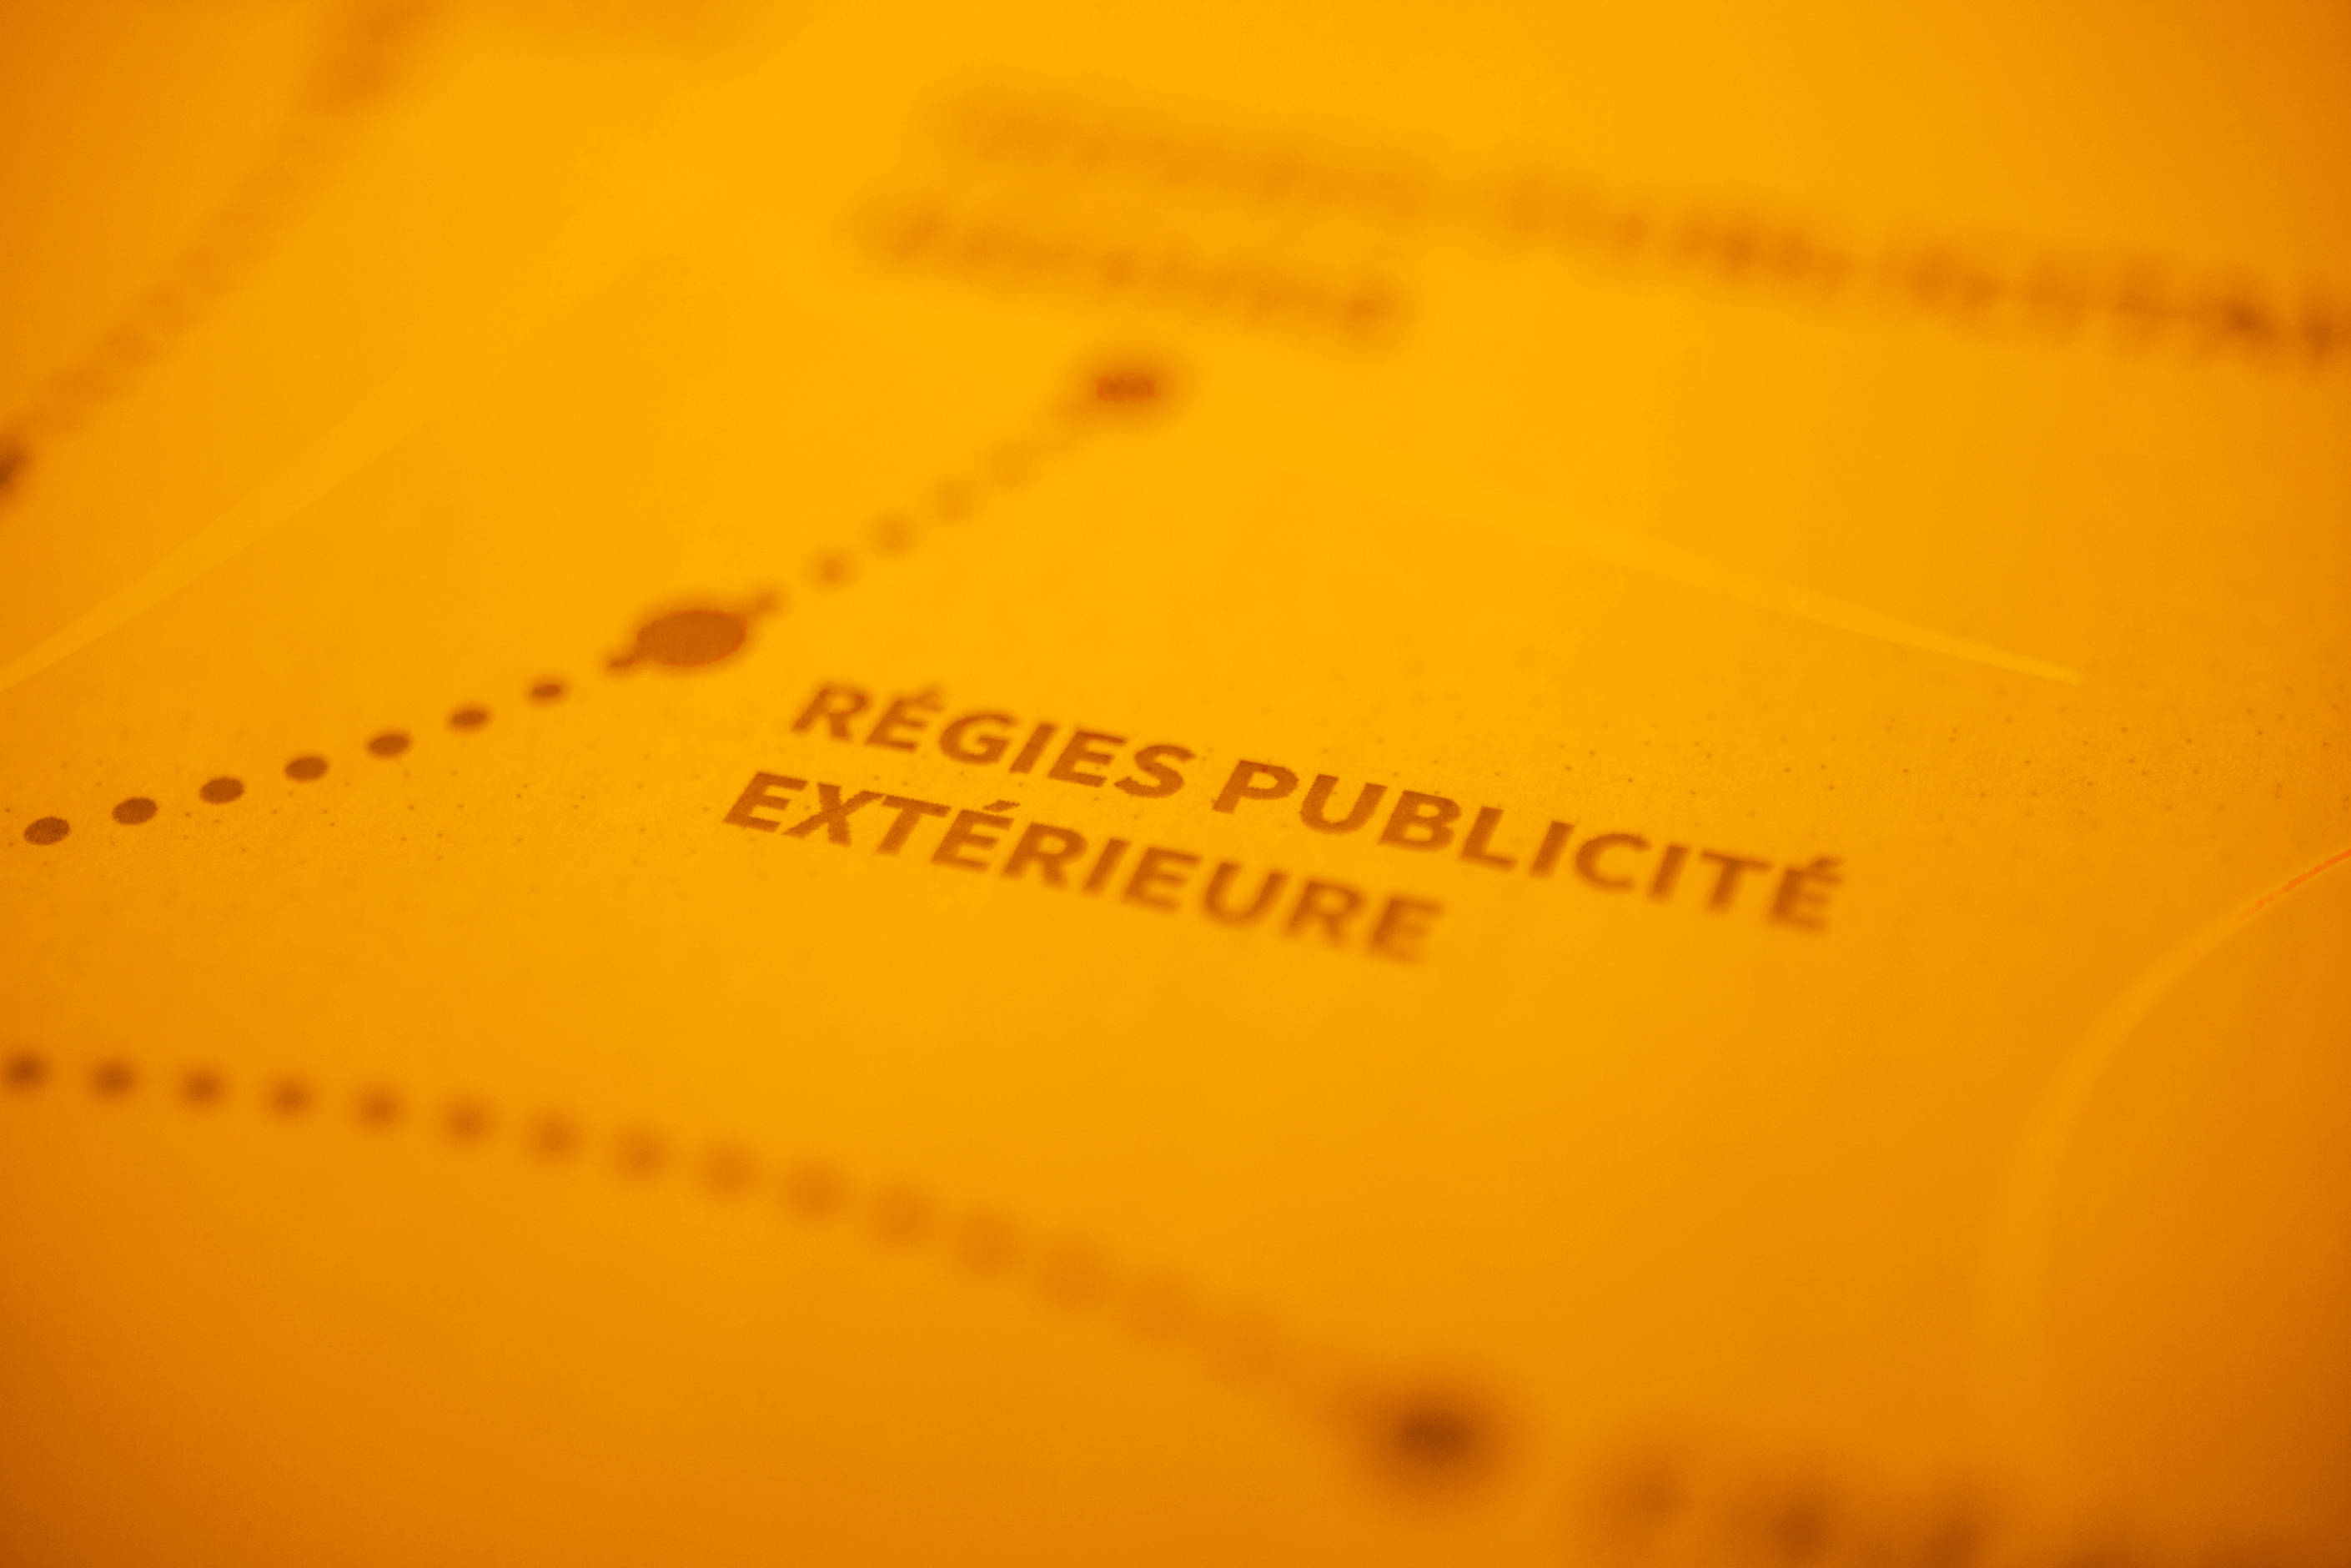 13-regies-publicite-exterieure